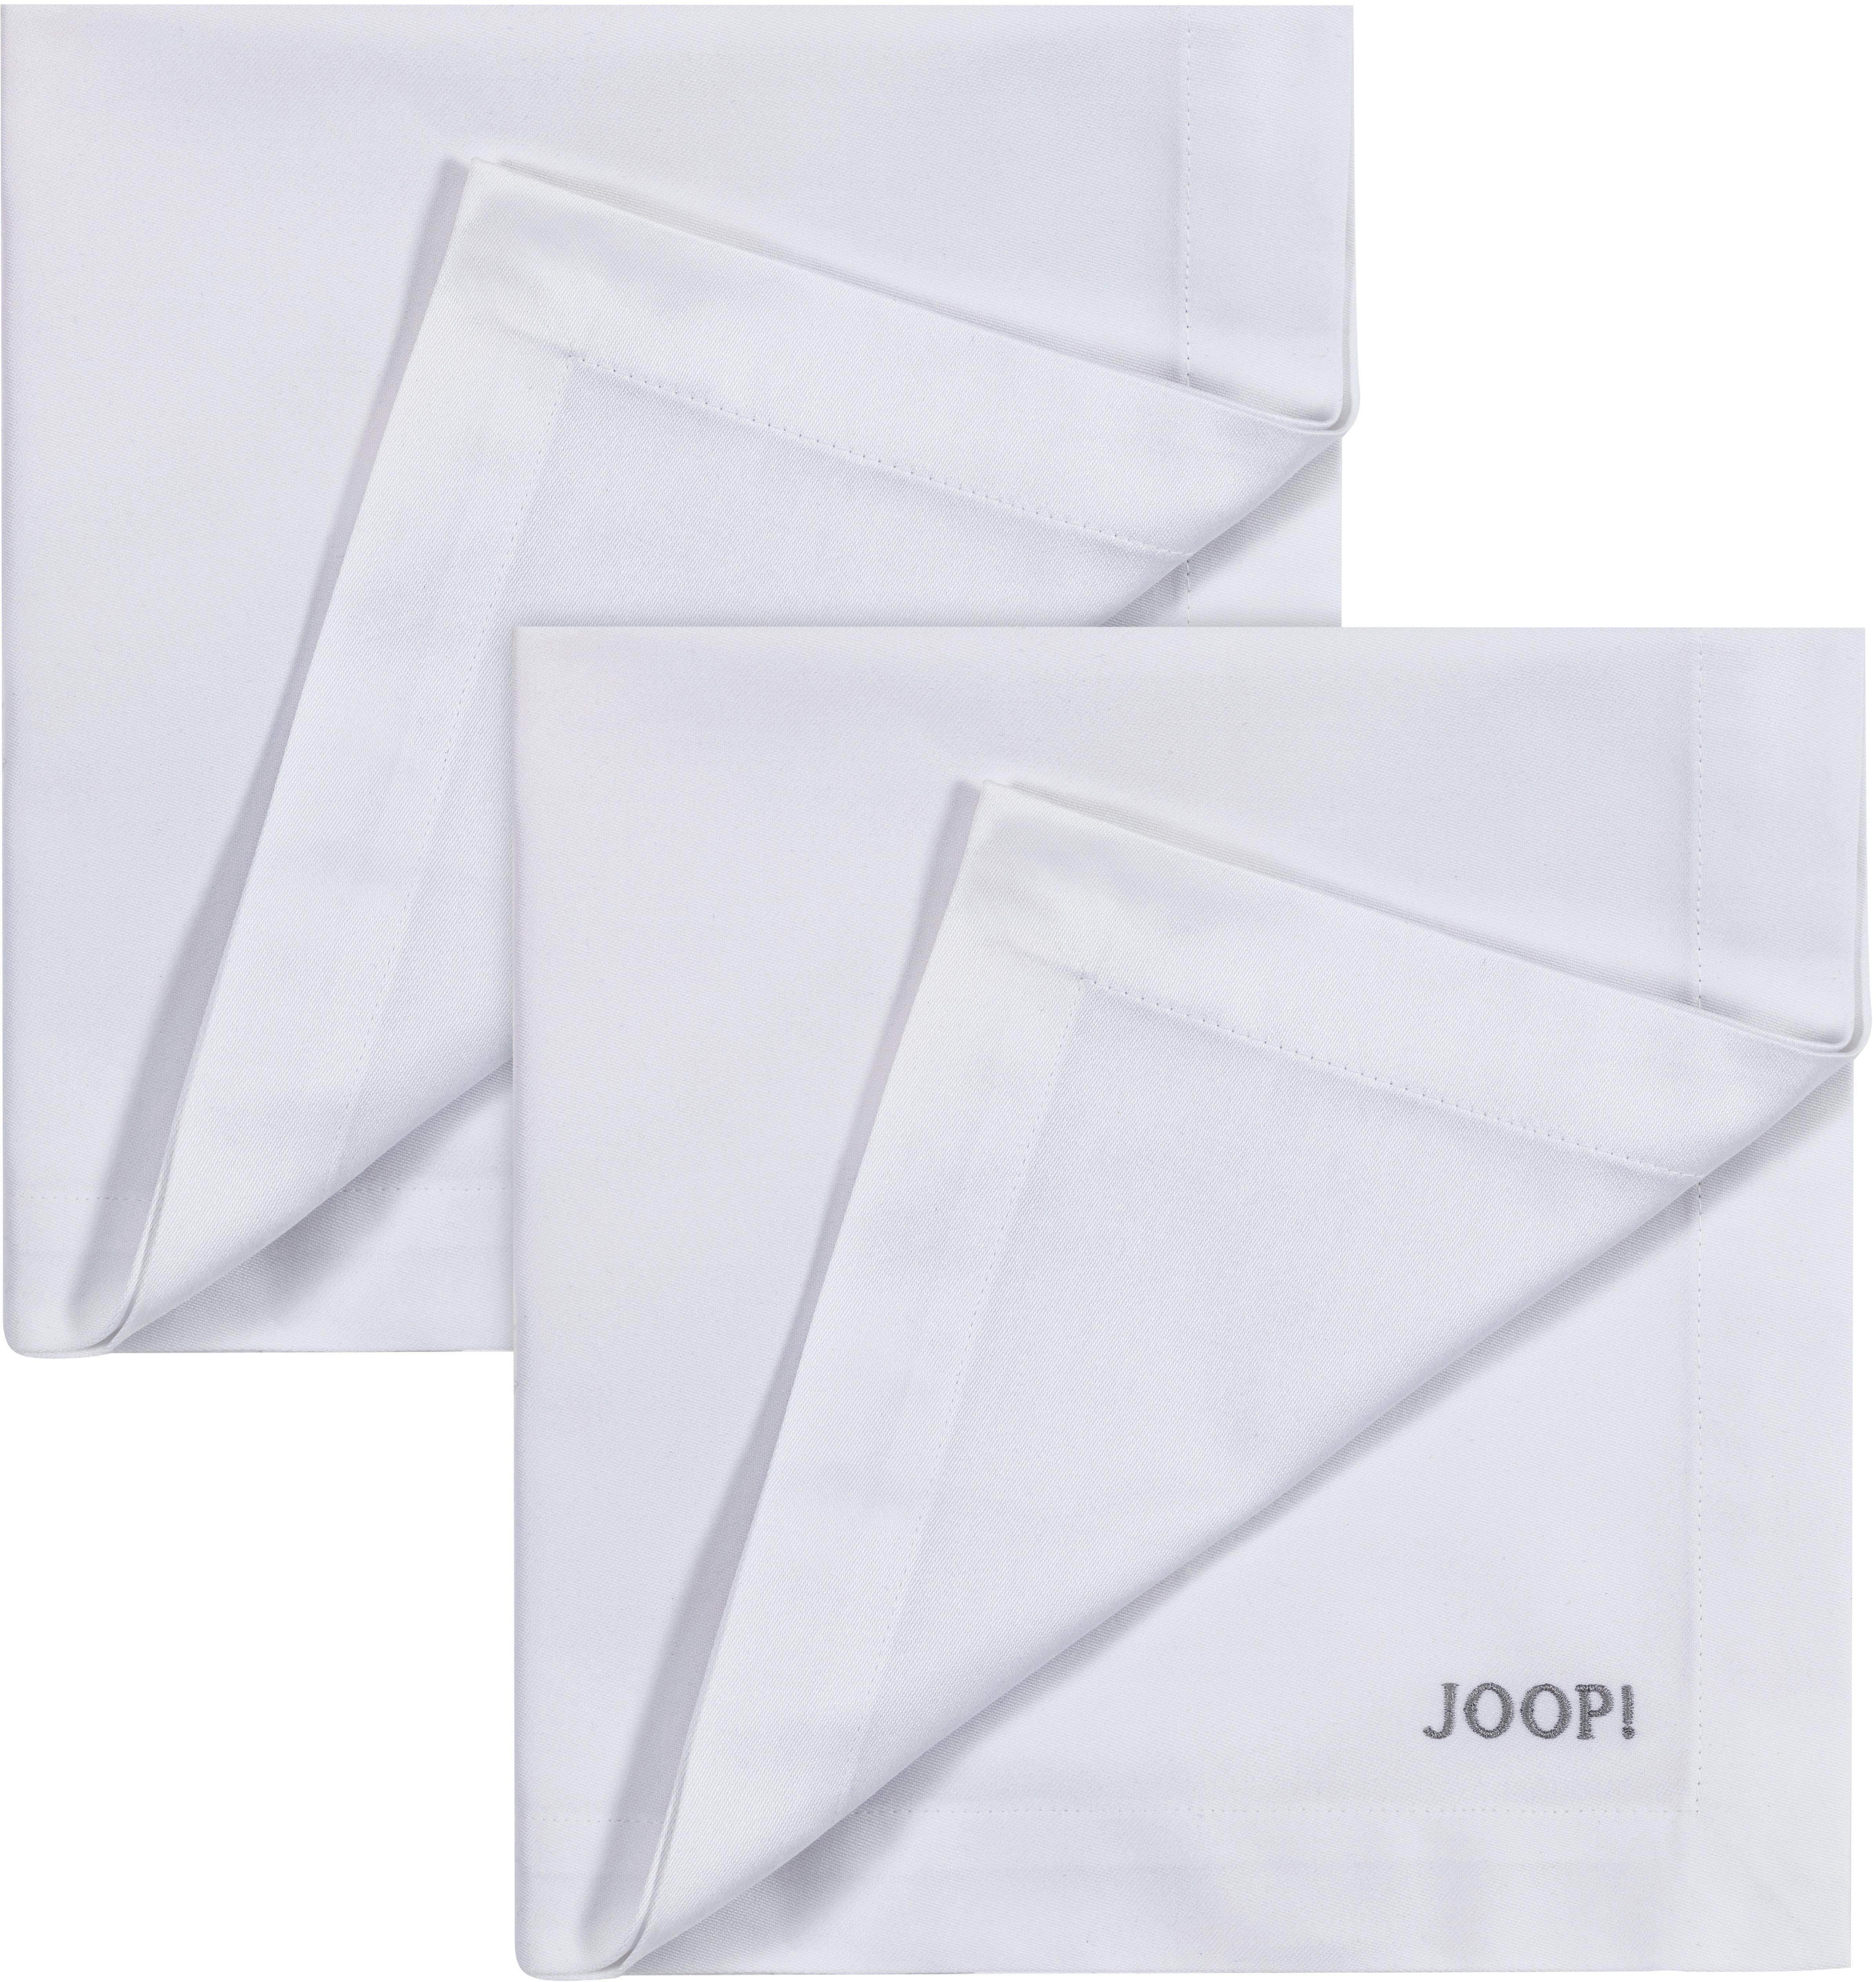 Joop! Joop Stoffserviette STITCH, (Set, 2 St.), In Vollzwirn-Qualität mit JOOP Logo- und Kornblumen-Stickerei silberfarben Stoffservietten Tischwäsche